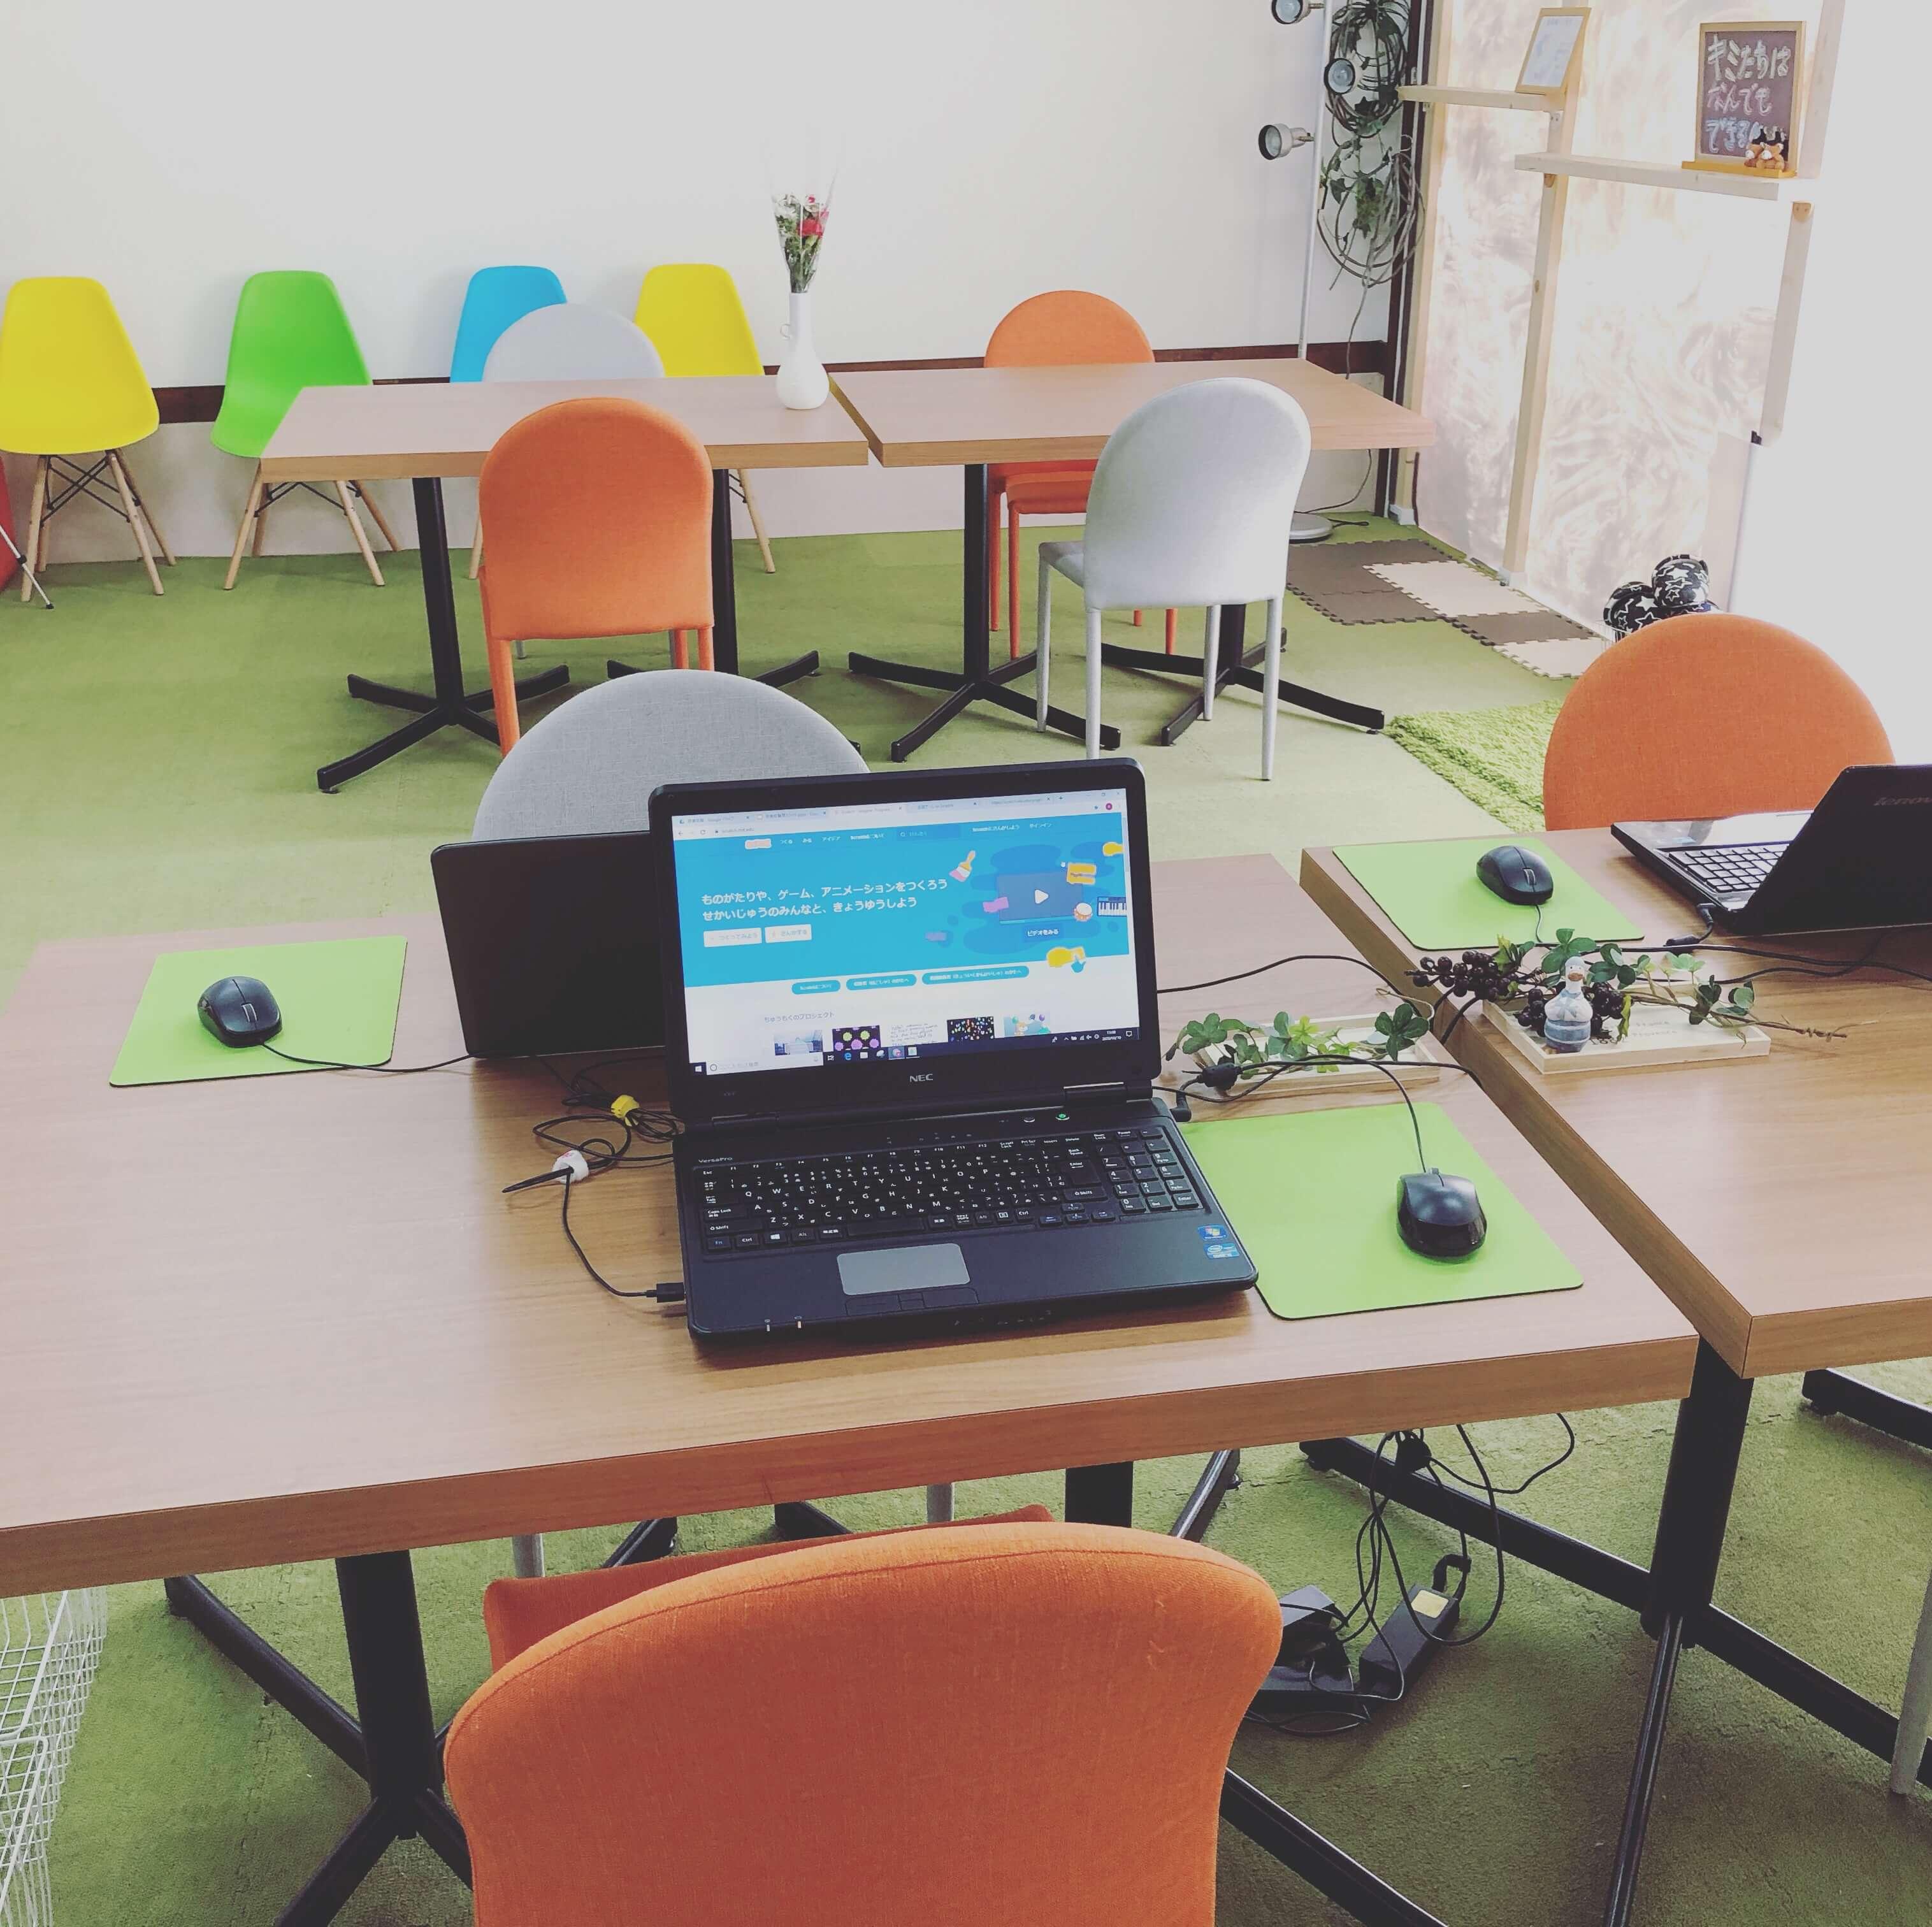 【内観】 教室内はこんな感じです!